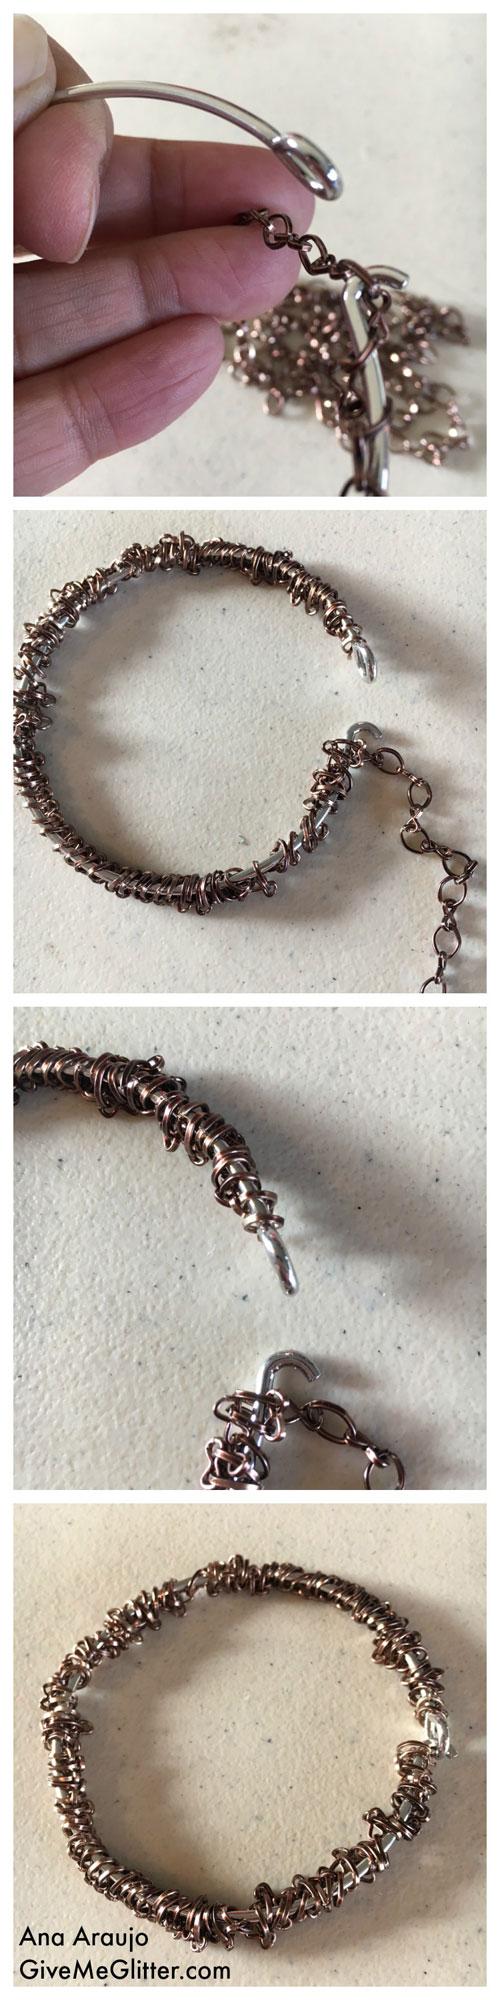 Penny Bracelet Chain Weaving